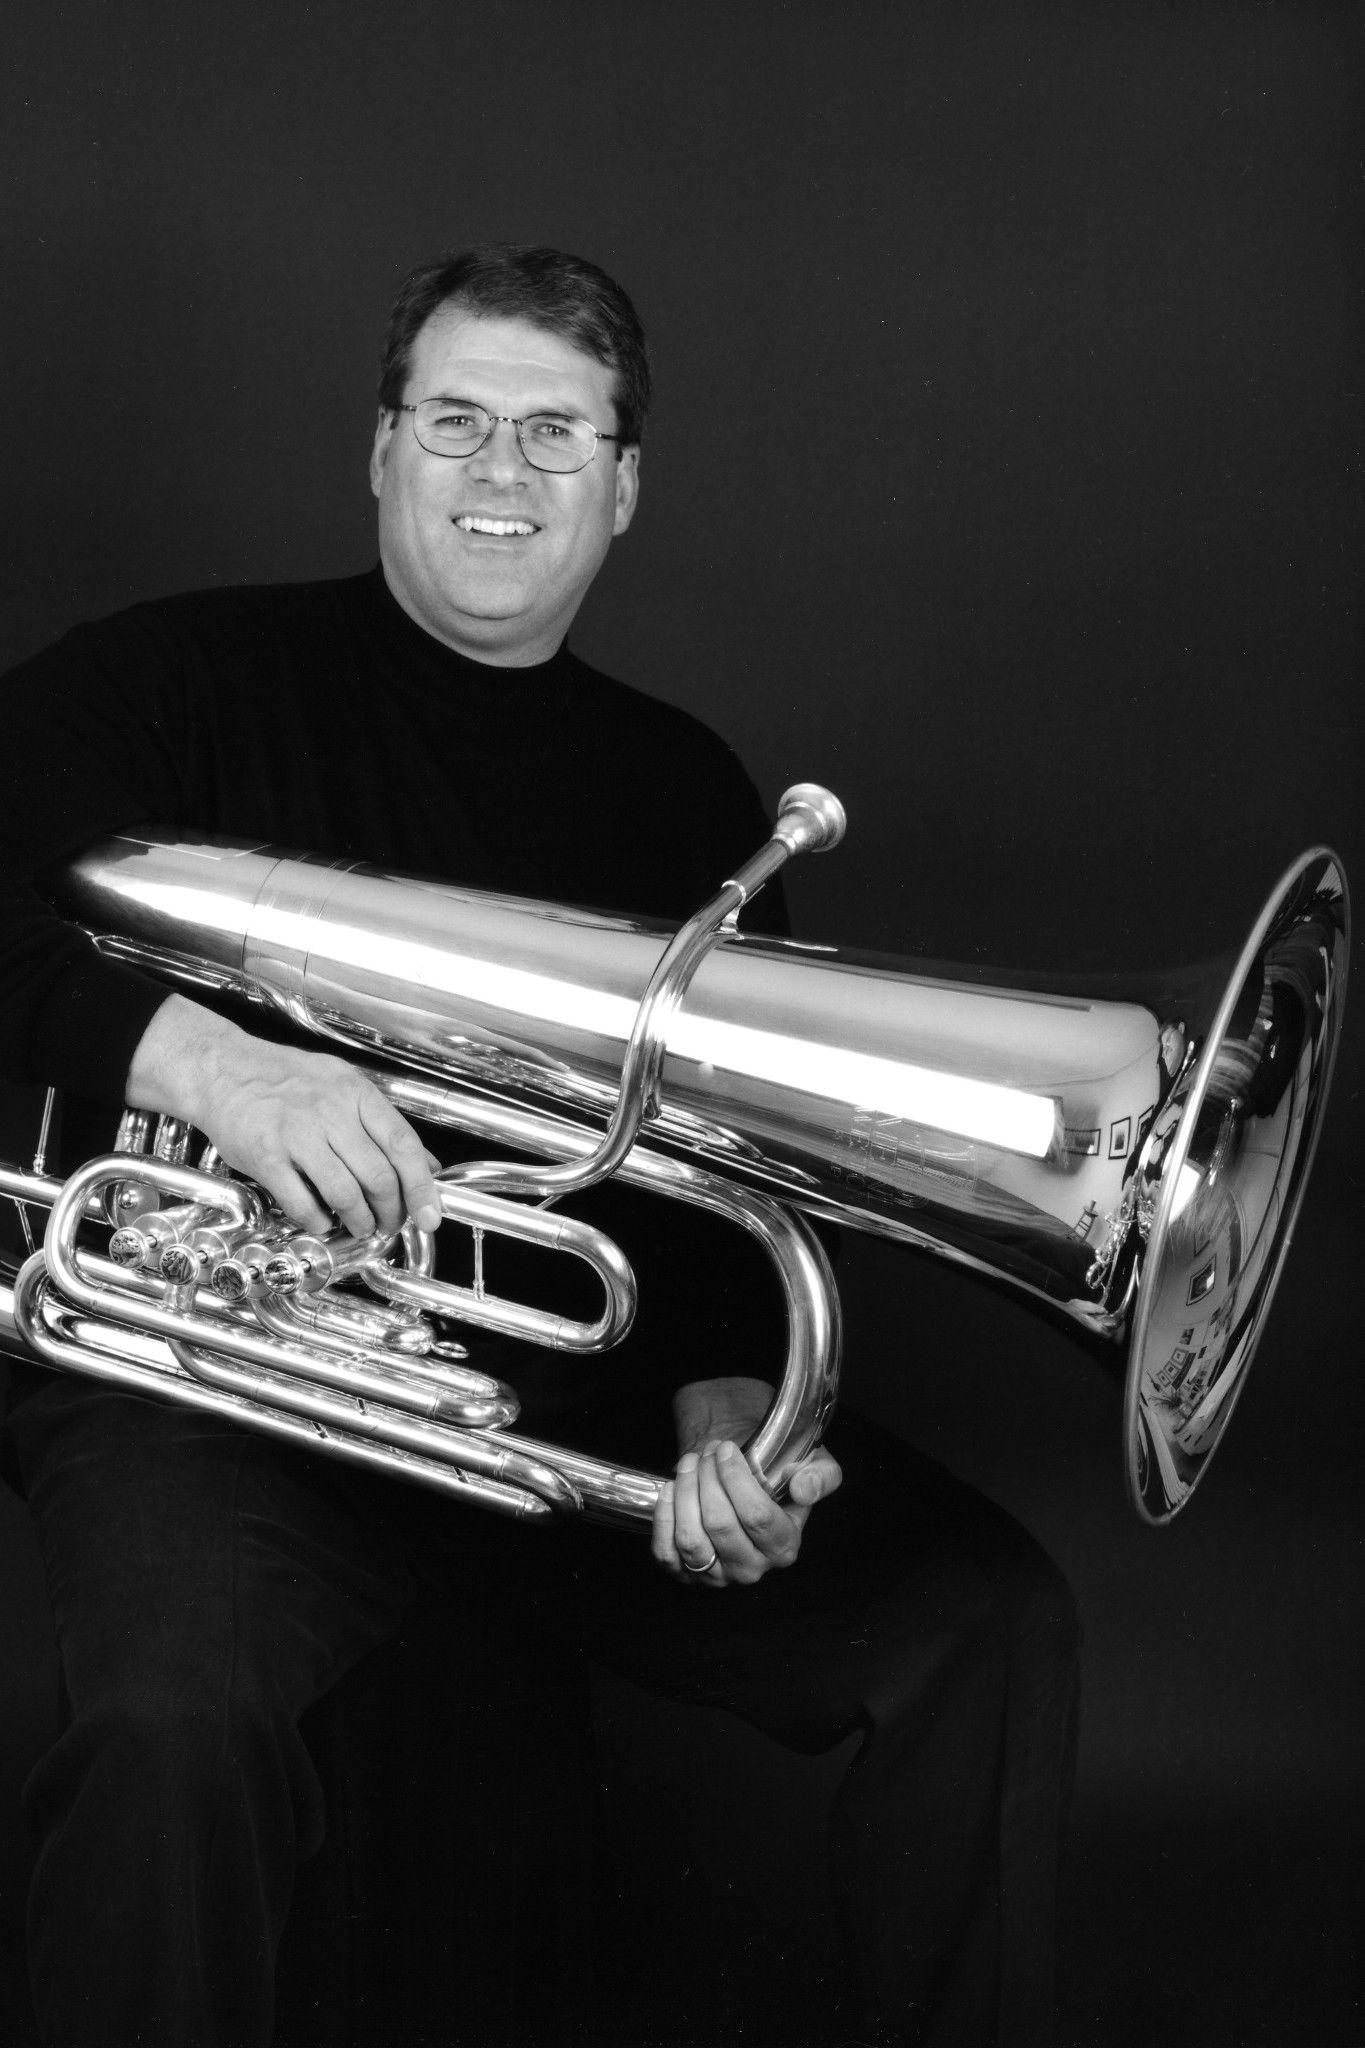 Warren Deck holding a tuba